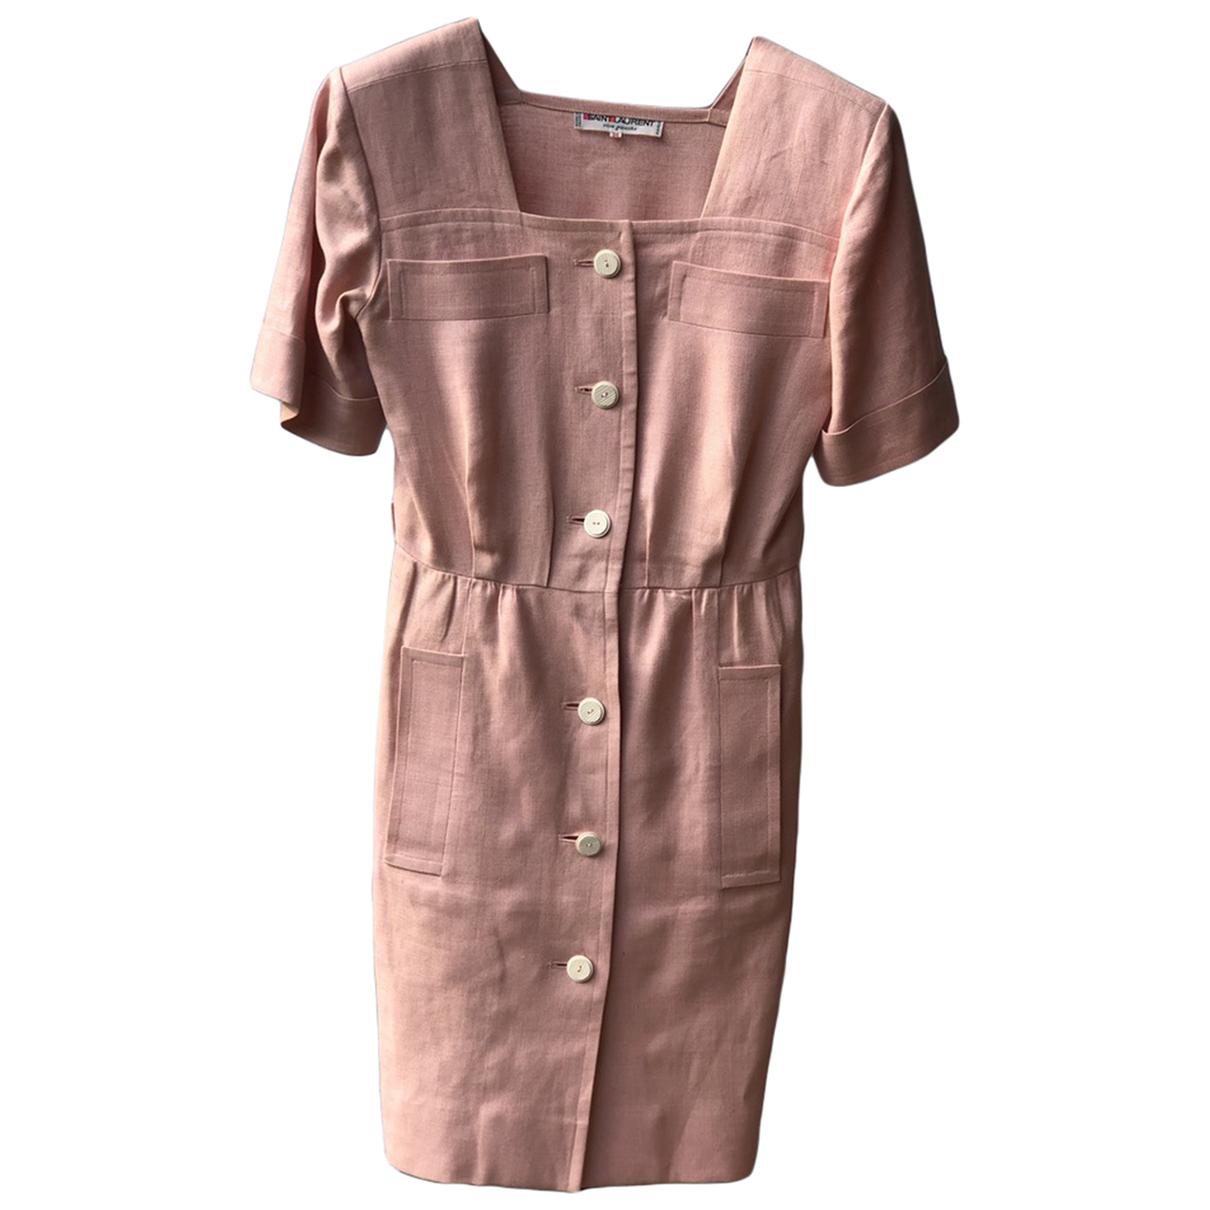 Yves Saint Laurent N Pink Linen dress for Women 36 FR